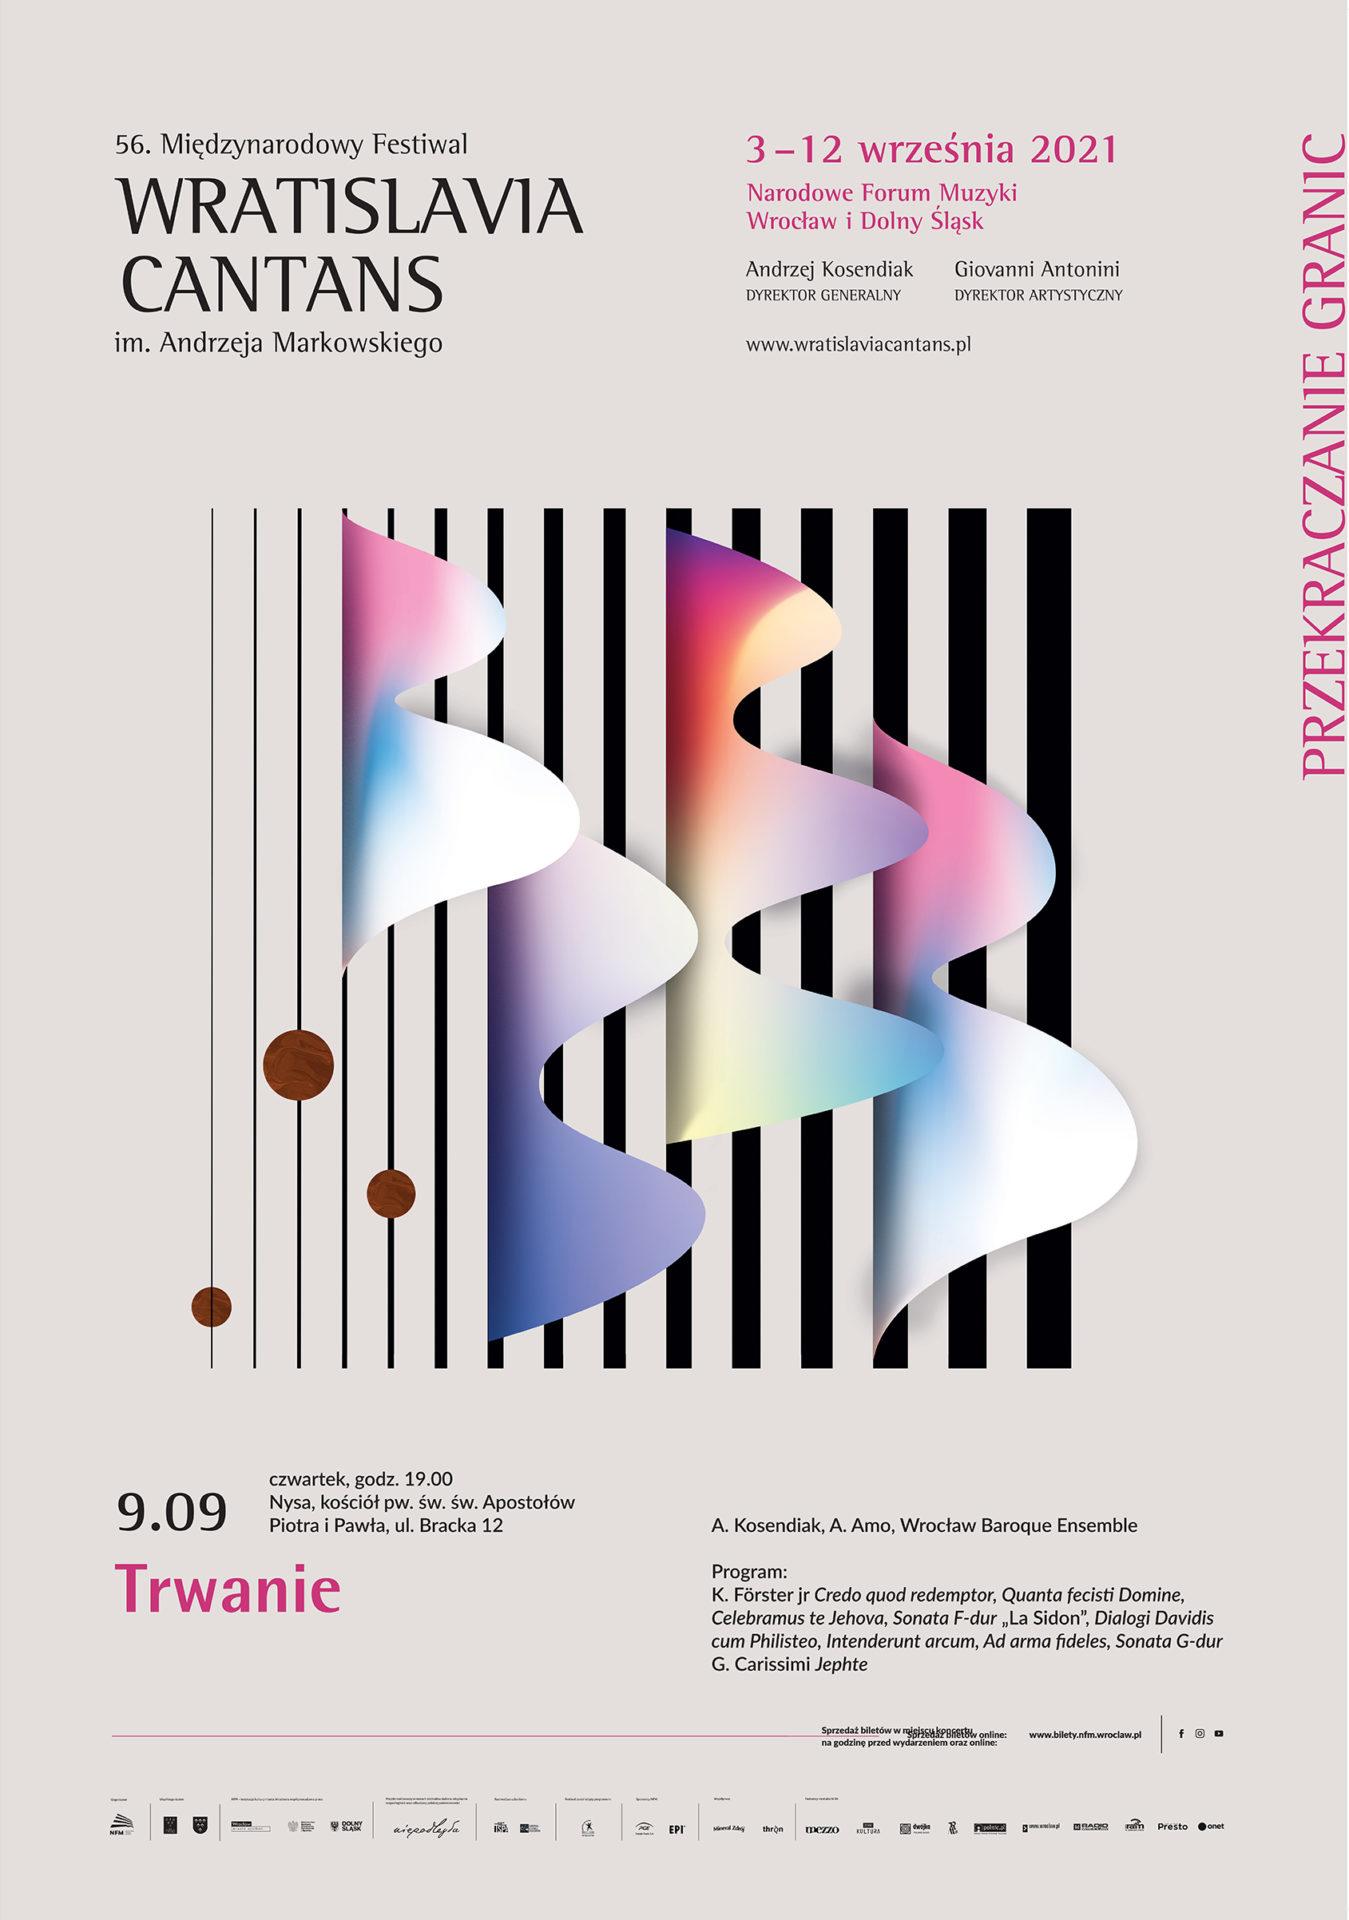 9 wrze[nia w Nysie koncert w ramach Wratislavia Cantans